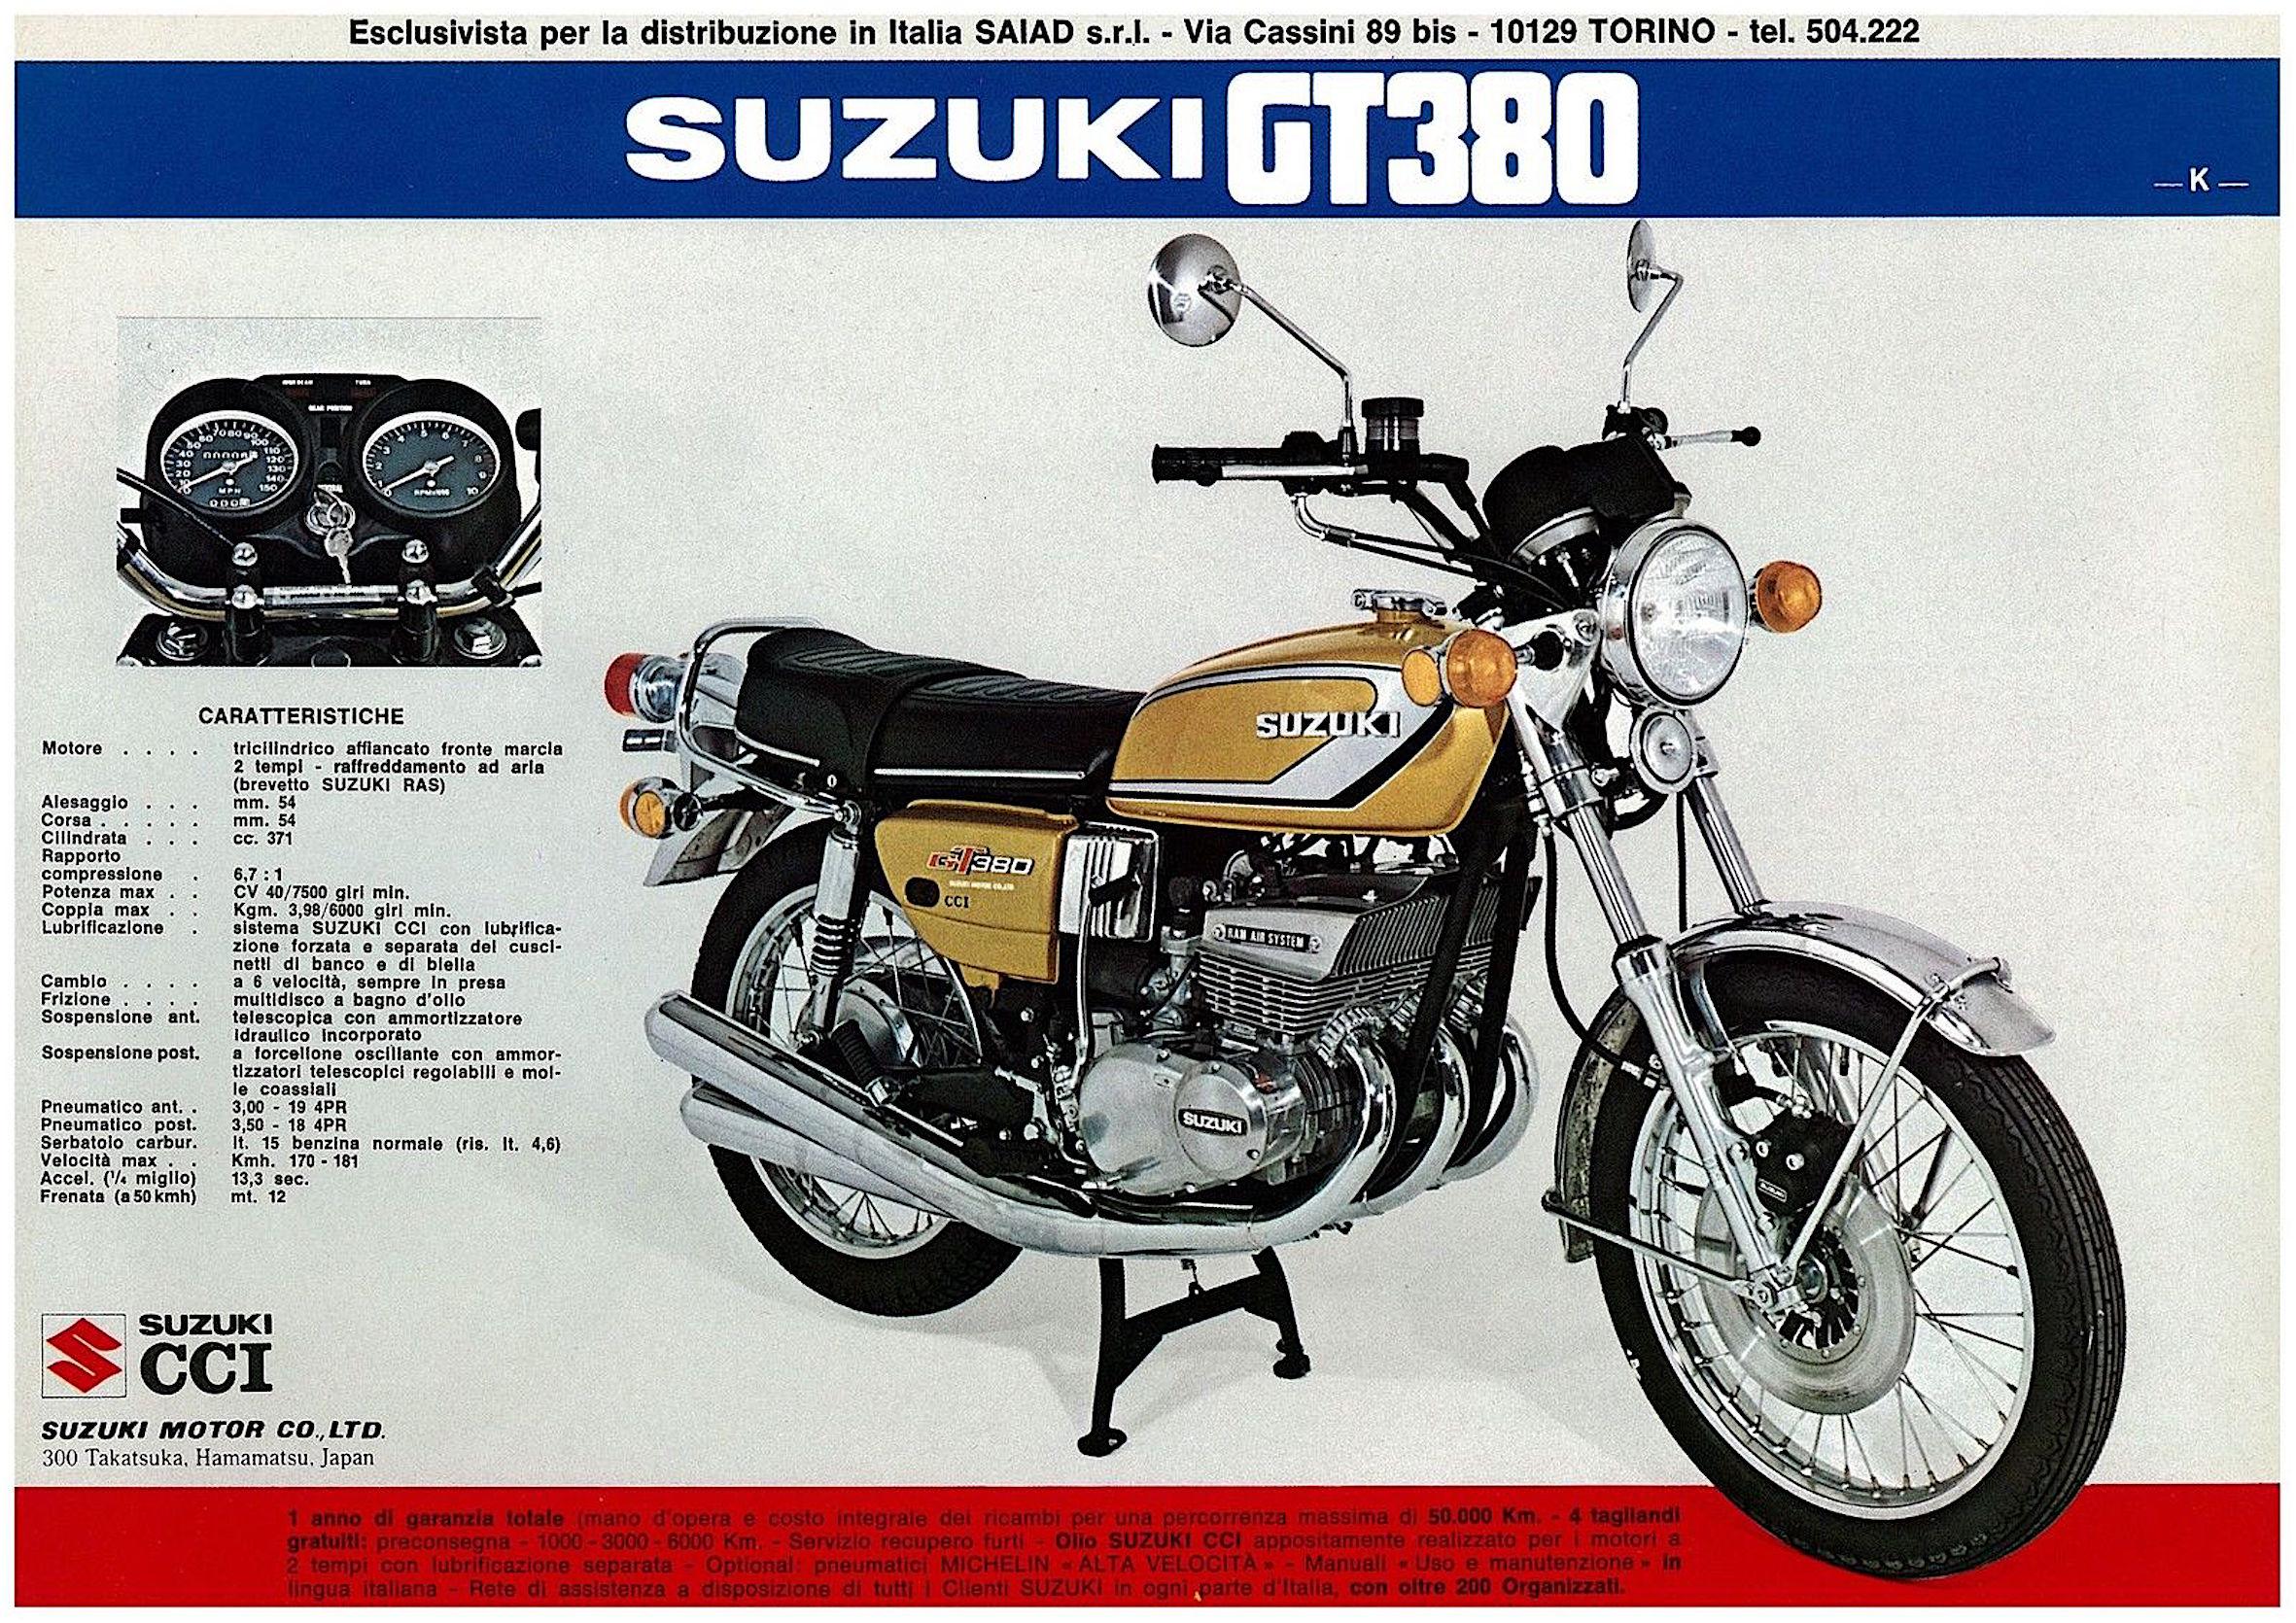 Suzuki GT 380